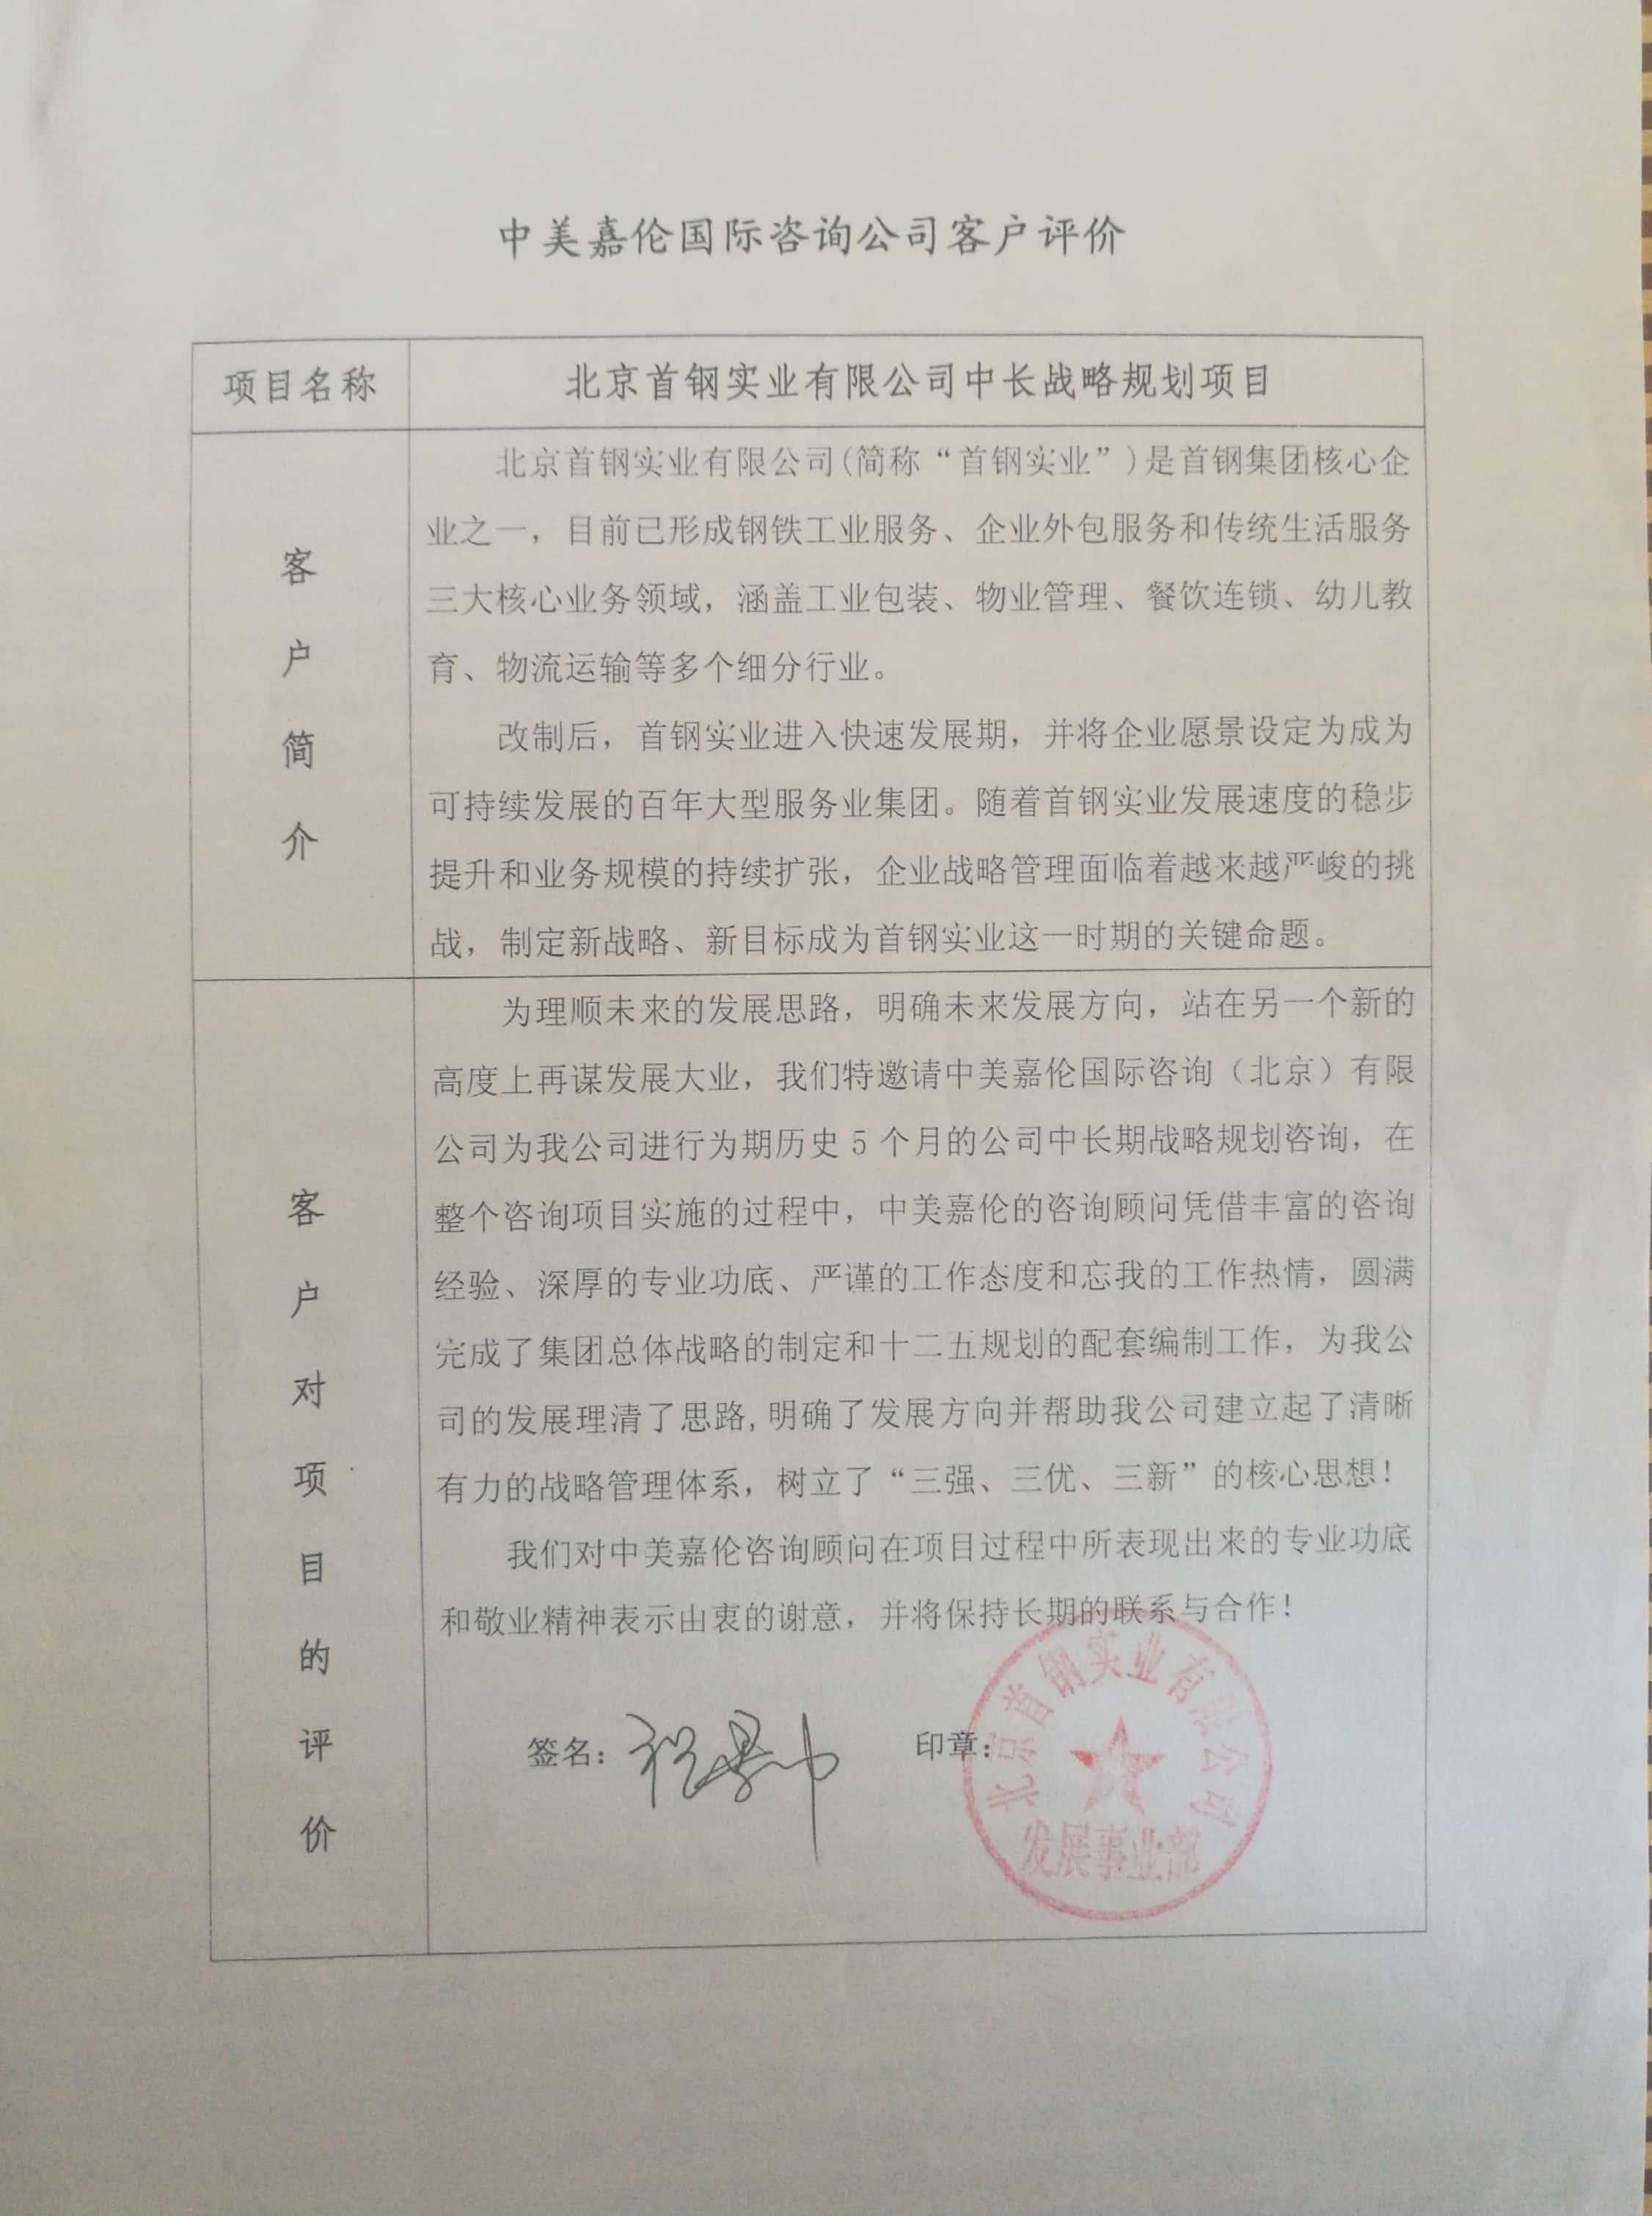 北京首钢实业有限公司中长期战略规划项目客户评价表